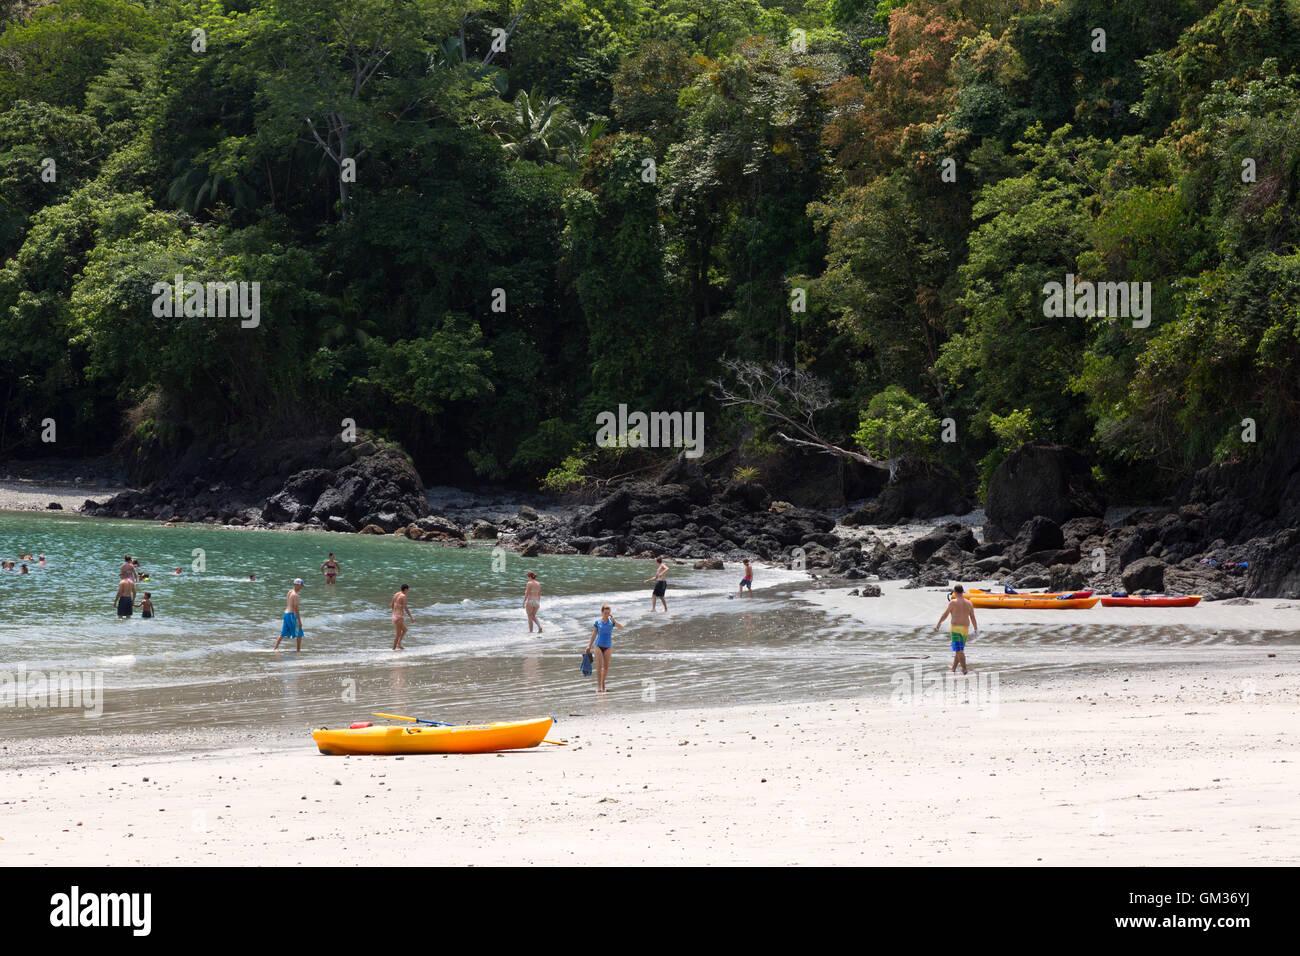 El Parque Nacional Manuel Antonio; Turistas en la playa disfrutando de deportes acuáticos, actividades al aire Imagen De Stock